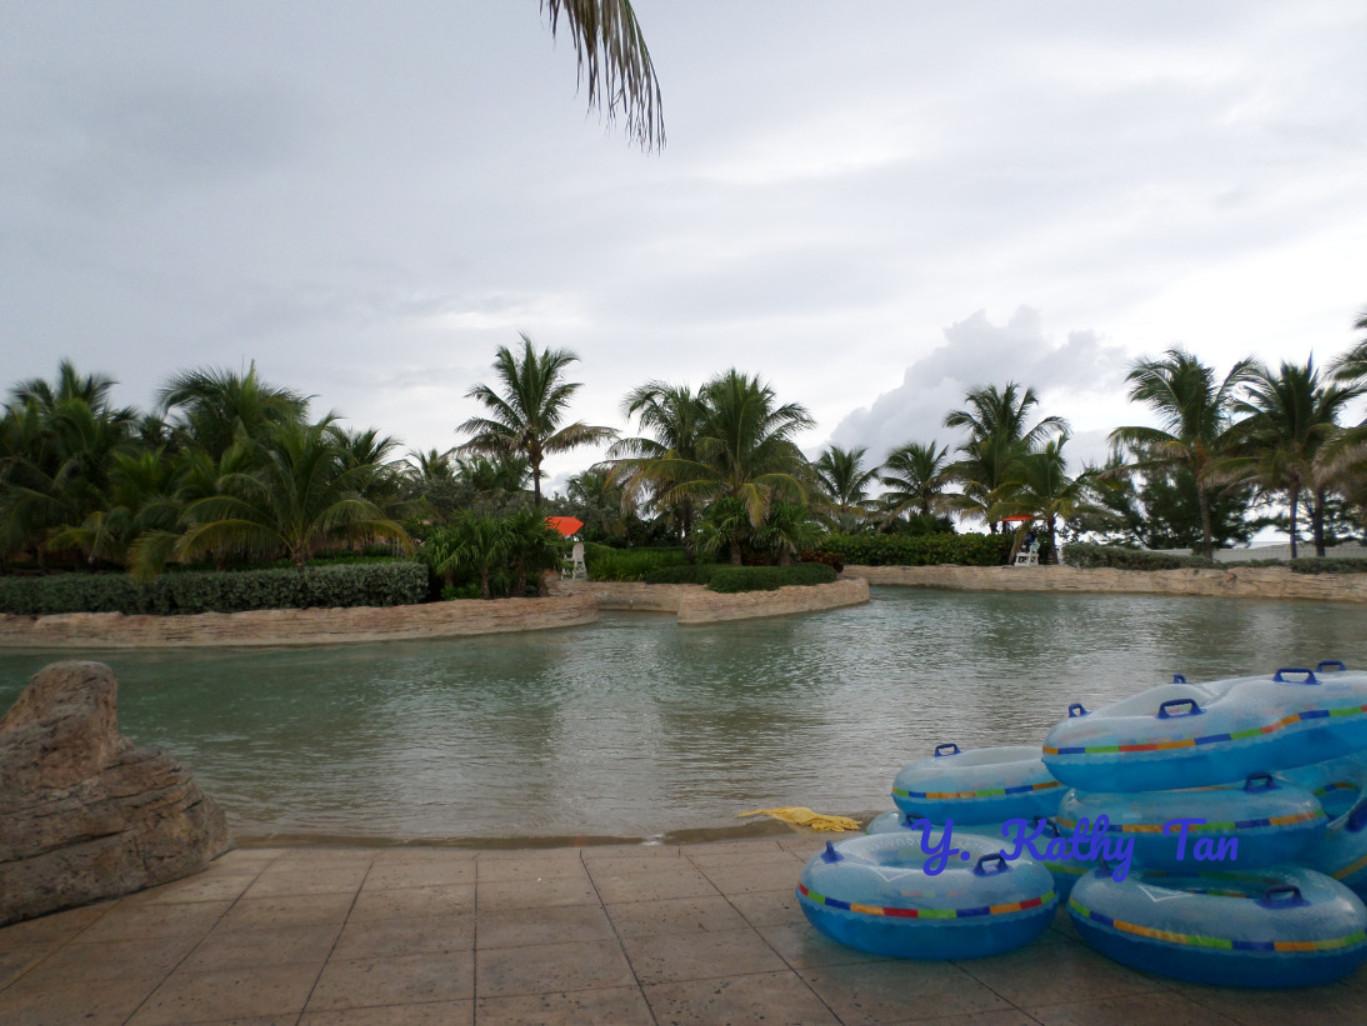 神秘加勒比海南国小镇_图1-7